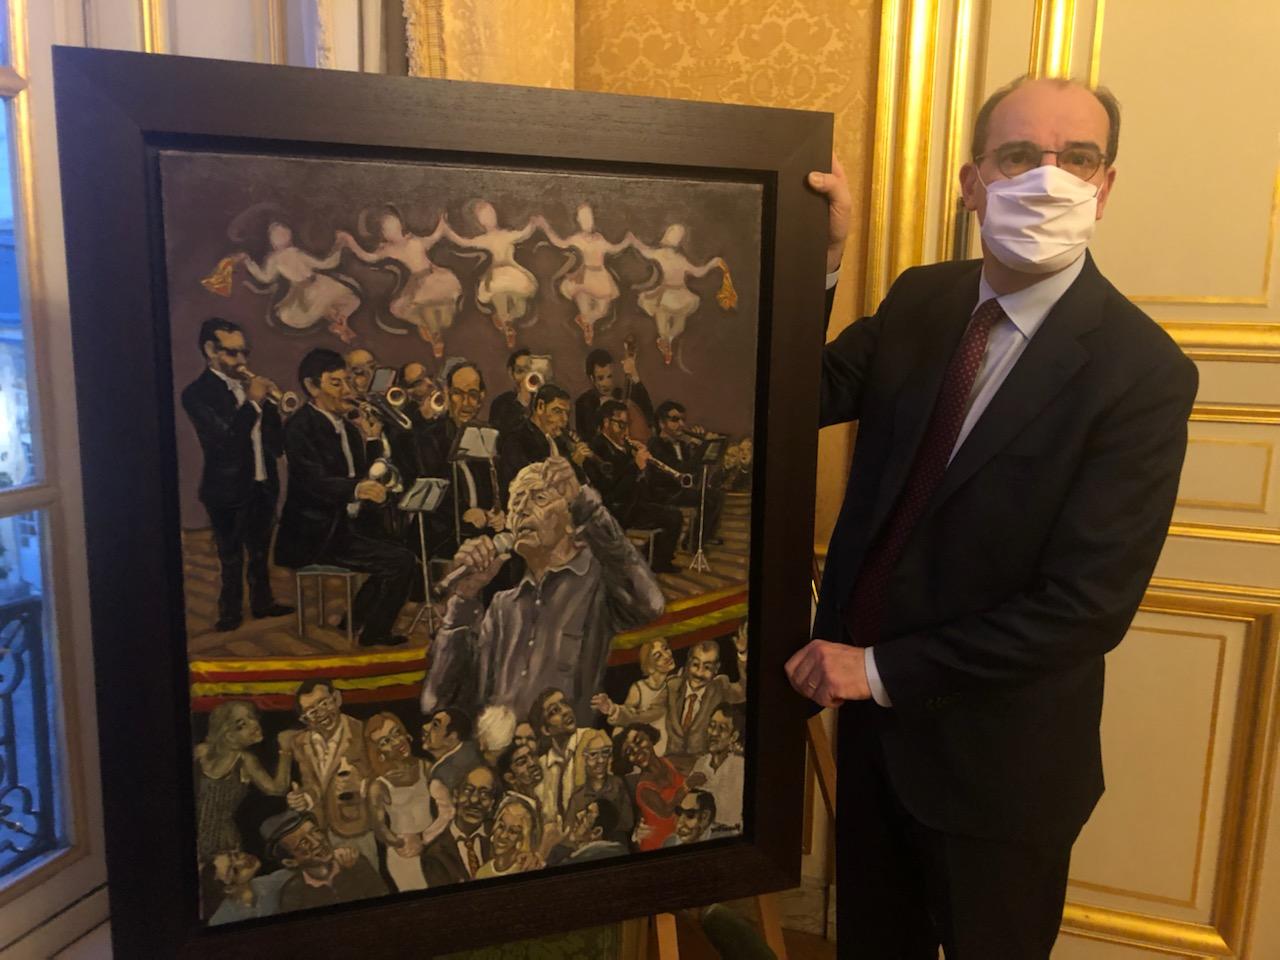 Le premier Ministre Jean Castex aux côtés de la toile de William Fenech